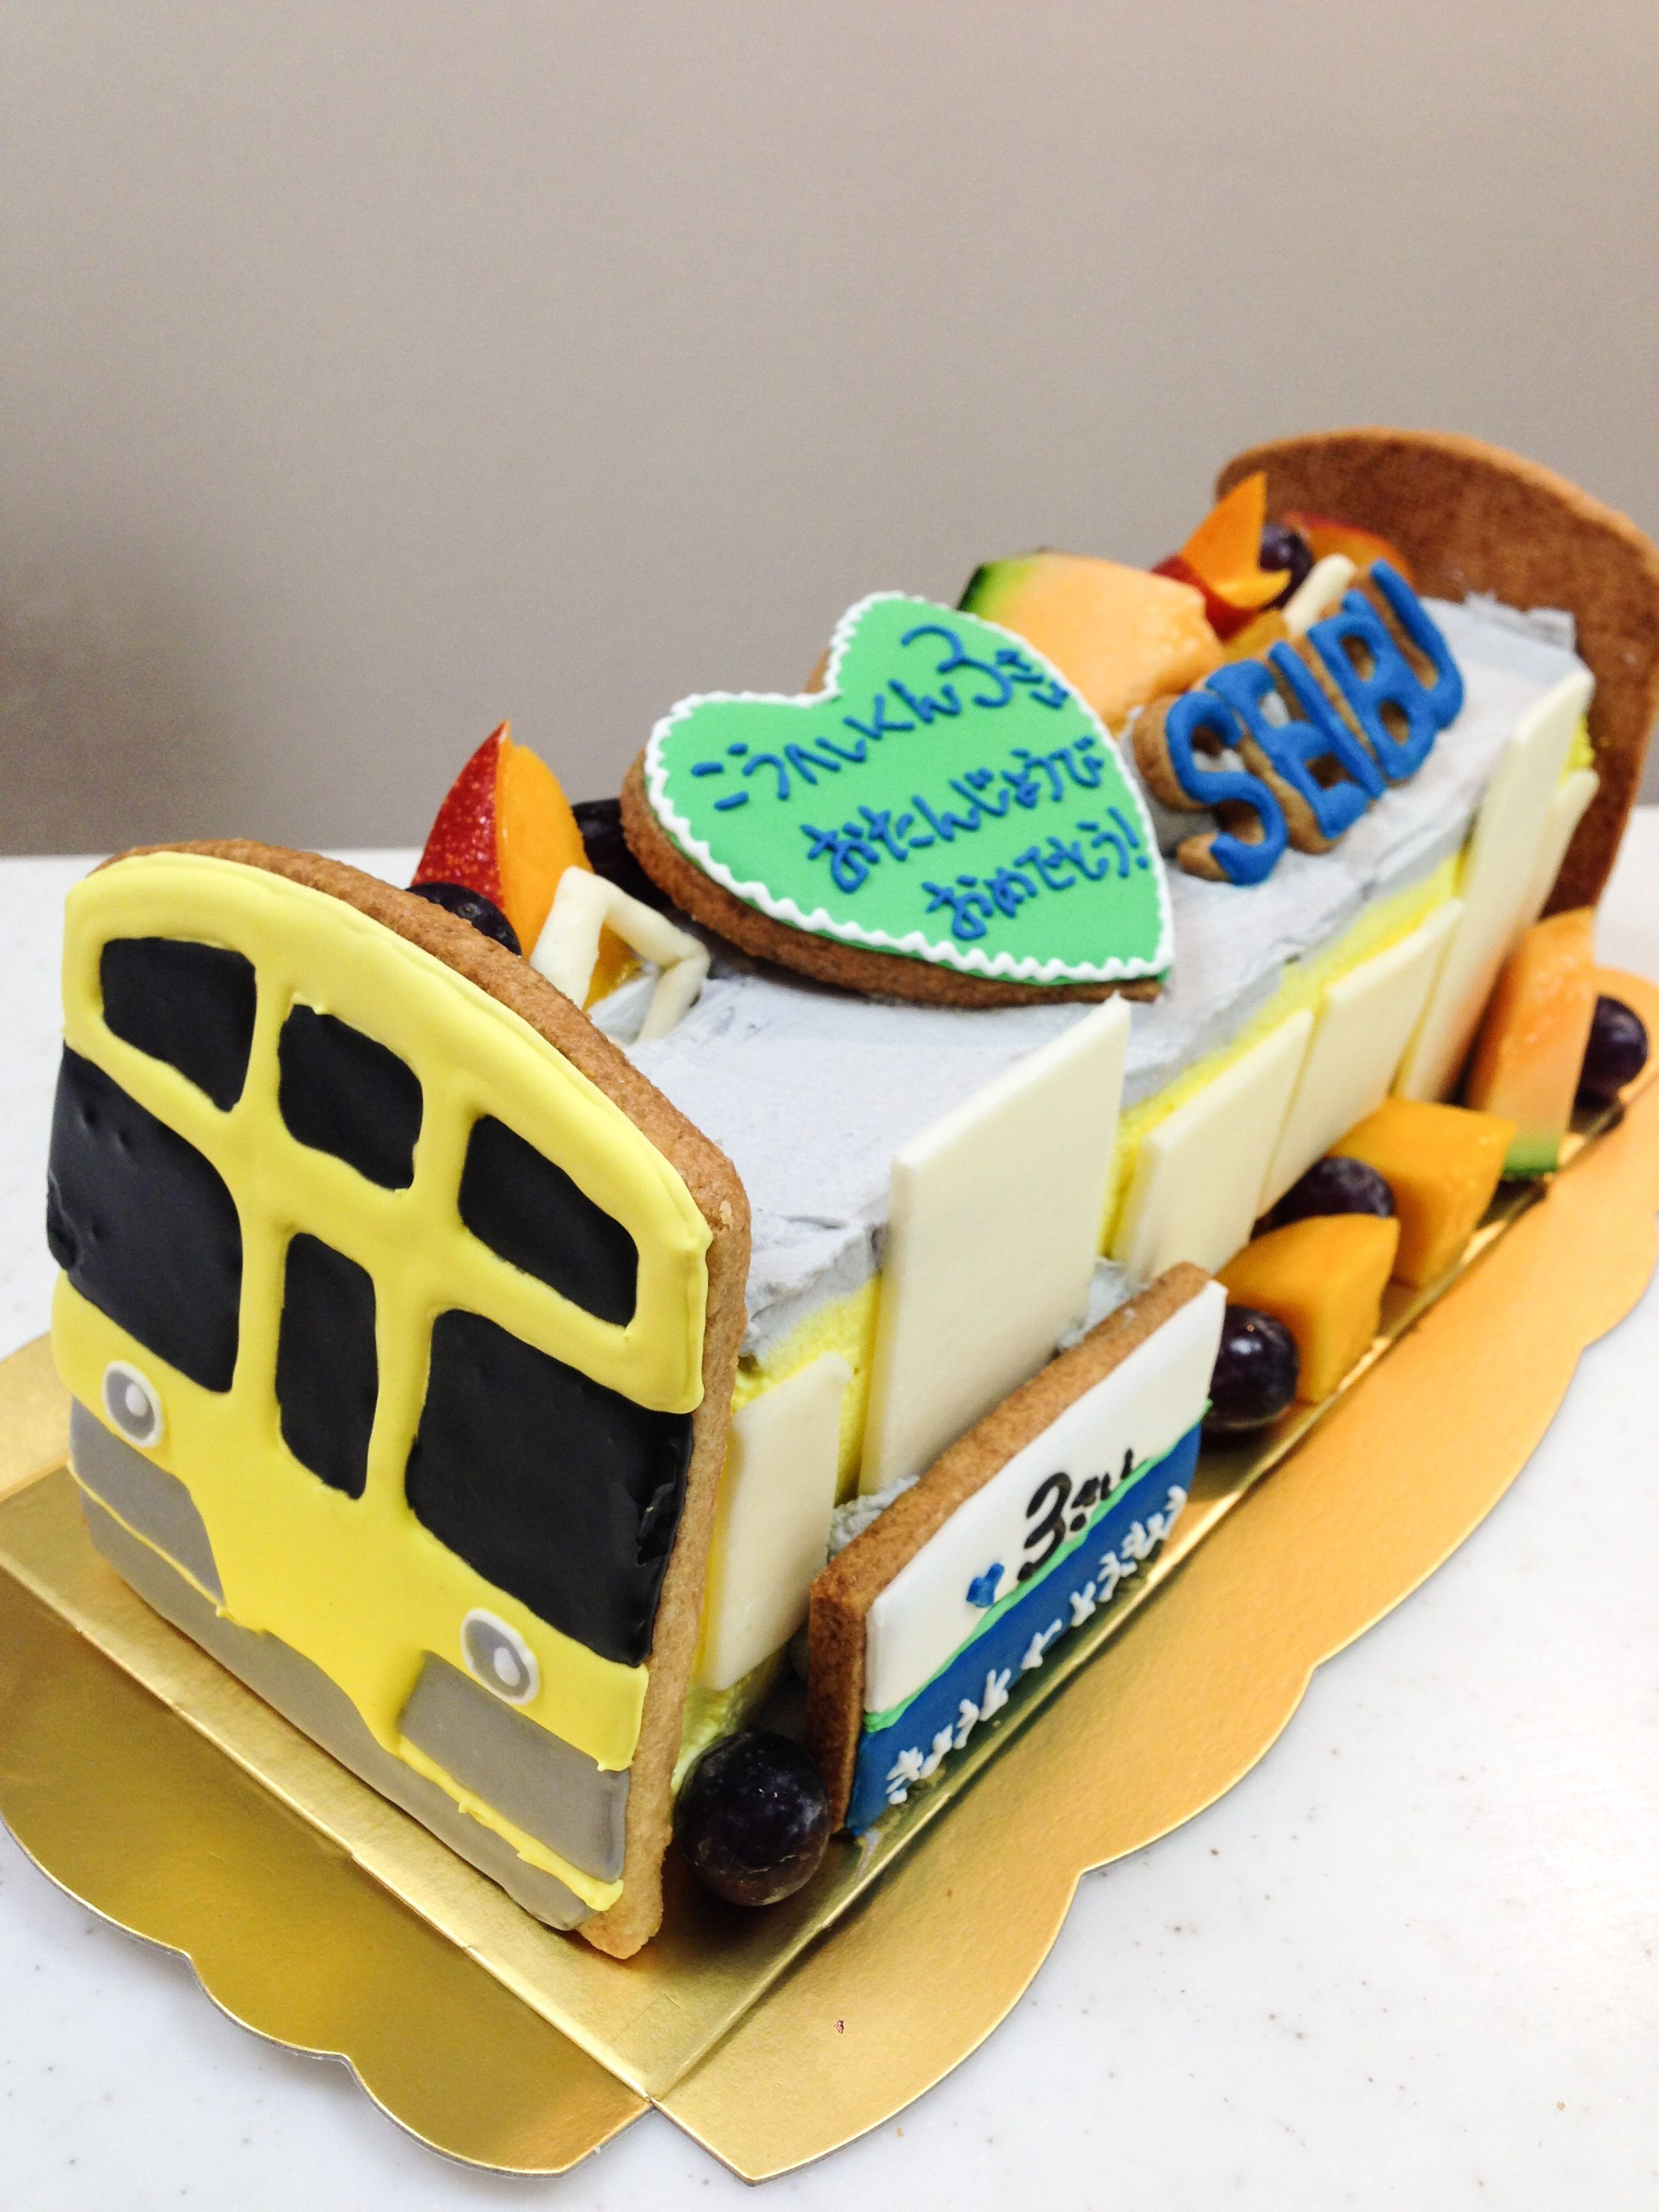 黄色い西武電車のケーキ その他のケーキ 電車 ケーキ、ケーキ、ディズニーケーキ